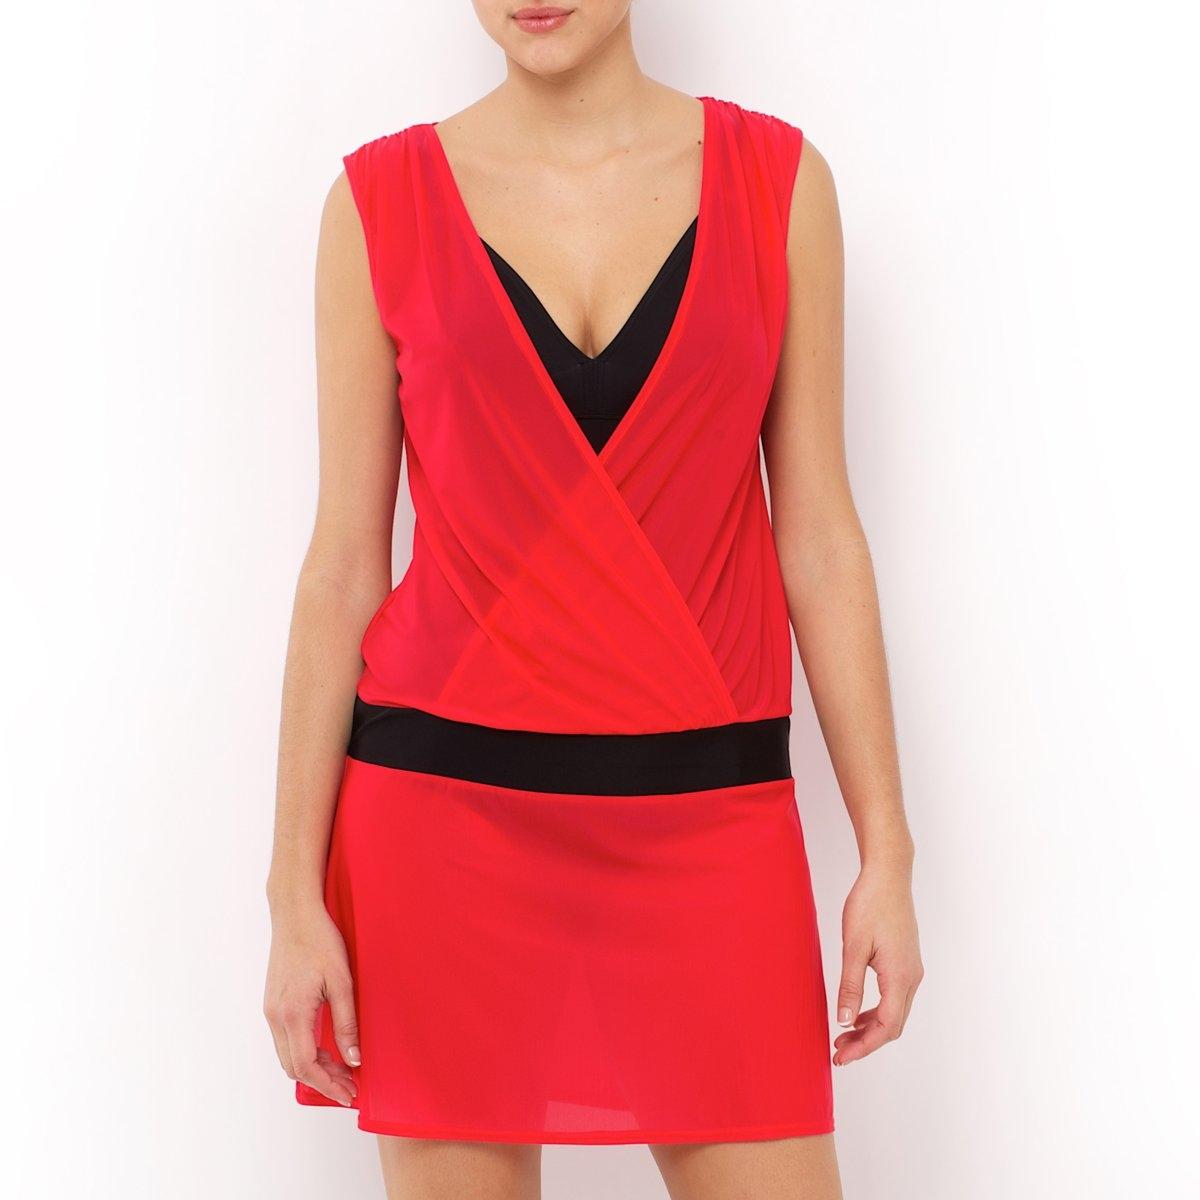 Платье пляжноеПляжное платье. Соблазнительное платье с глубоким декольте! Без рукавов. Эластичная вставка на заниженной талии. Трикотаж, 90% полиамида, 10% эластана. Длина 94 см.<br><br>Цвет: фуксия/черный<br>Размер: 58/60 (FR) - 64/66 (RUS)